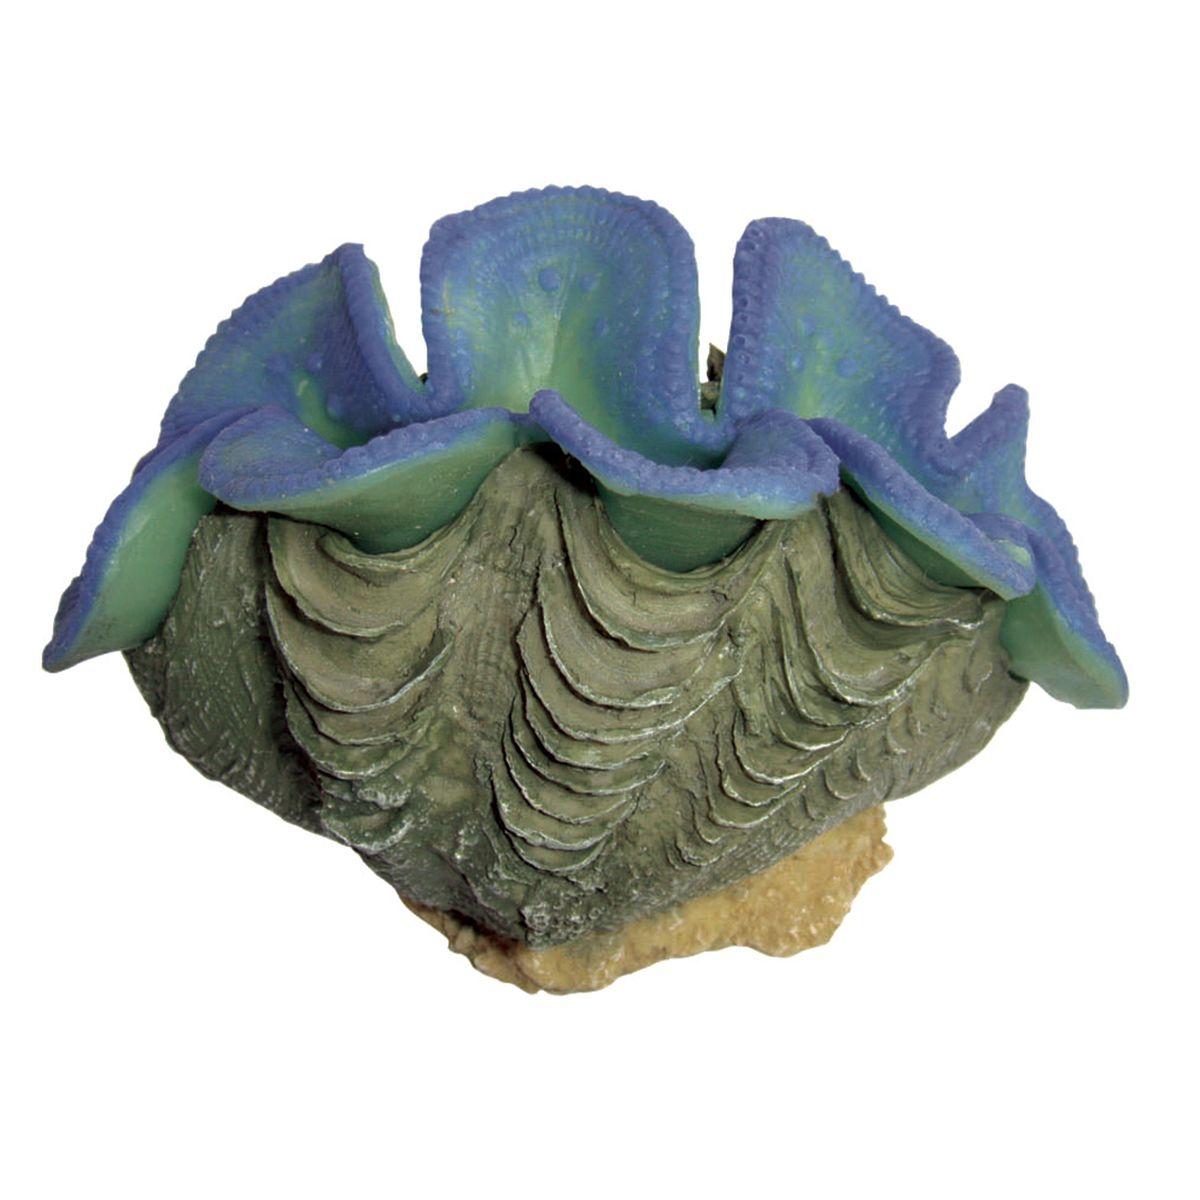 Декорация для аквариума ArtUniq Тридакна синяя, 9,5 x 5,5 6 см